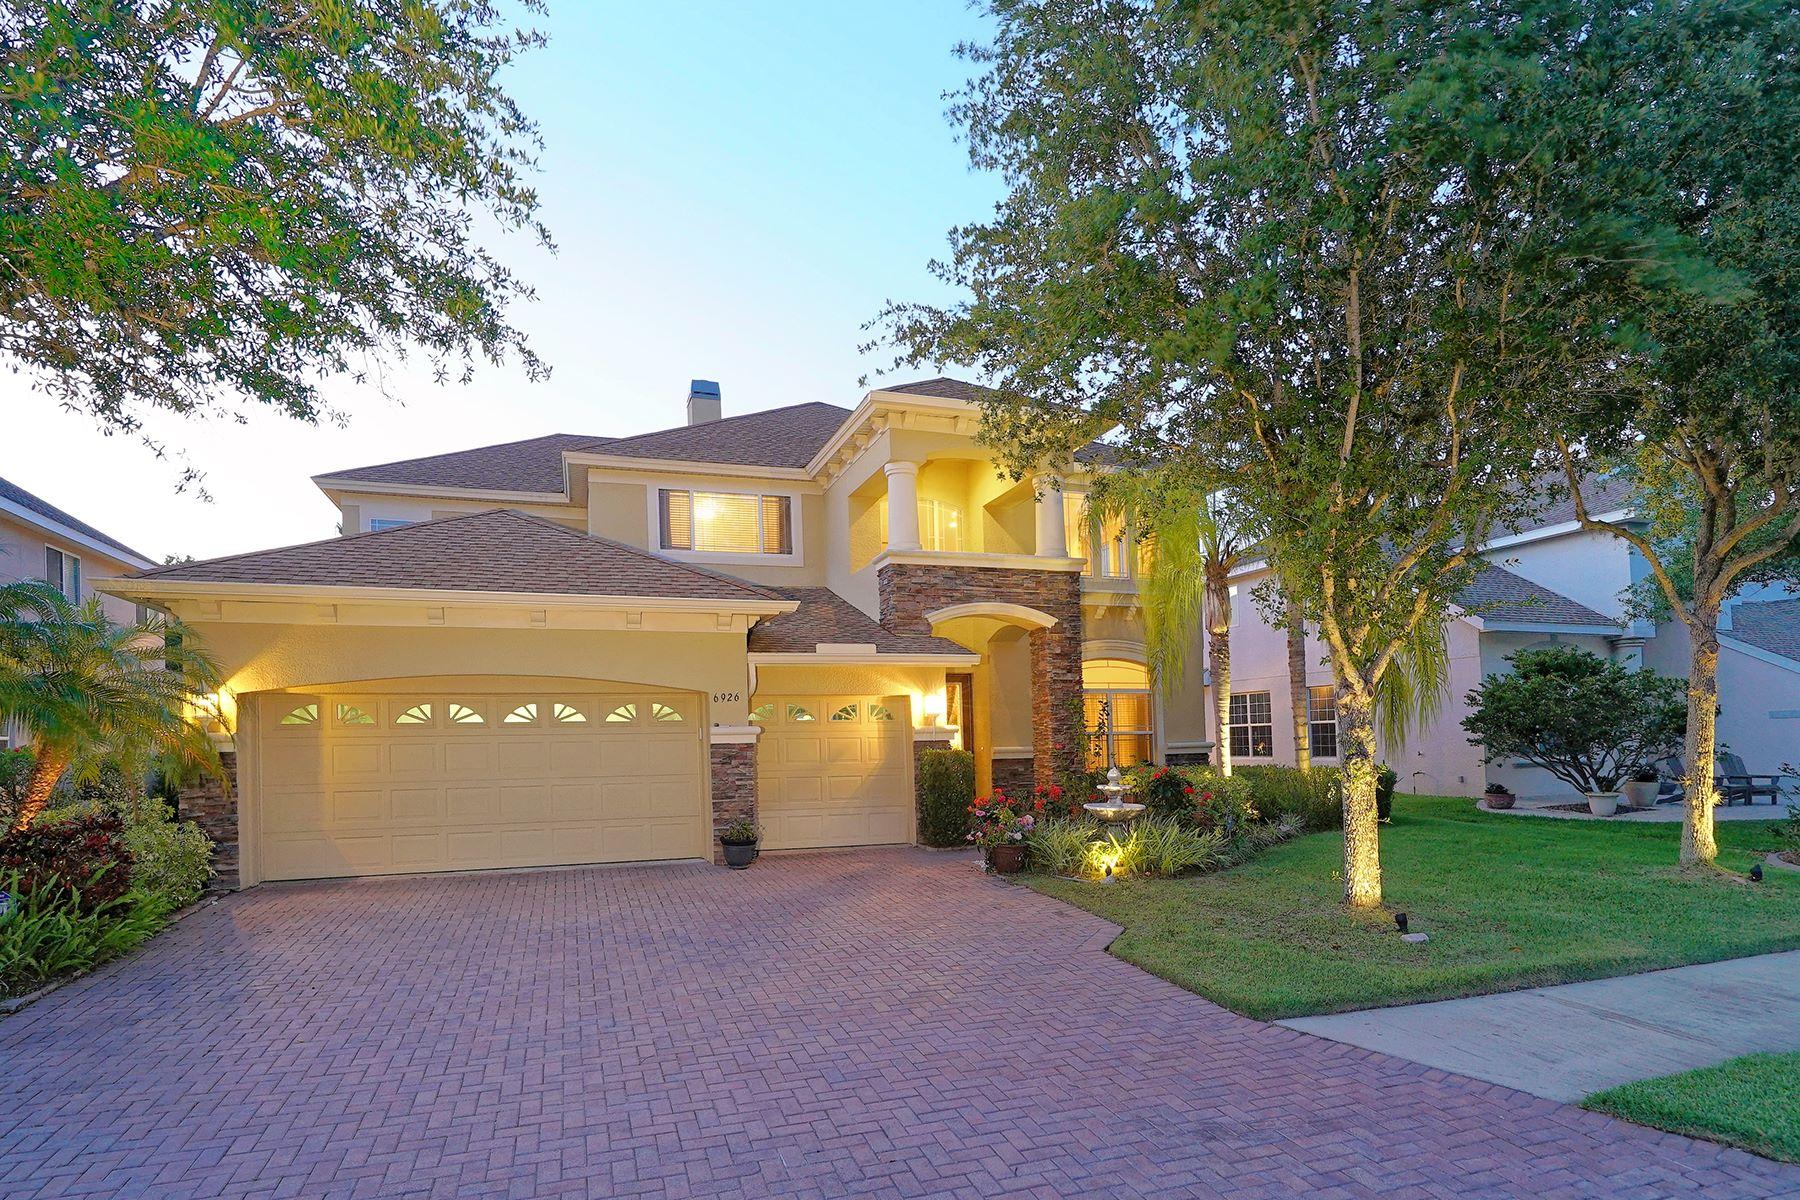 独户住宅 为 销售 在 OAKLEAF HAMMOCK 6926 40th Ct E 埃伦顿, 佛罗里达州 34222 美国